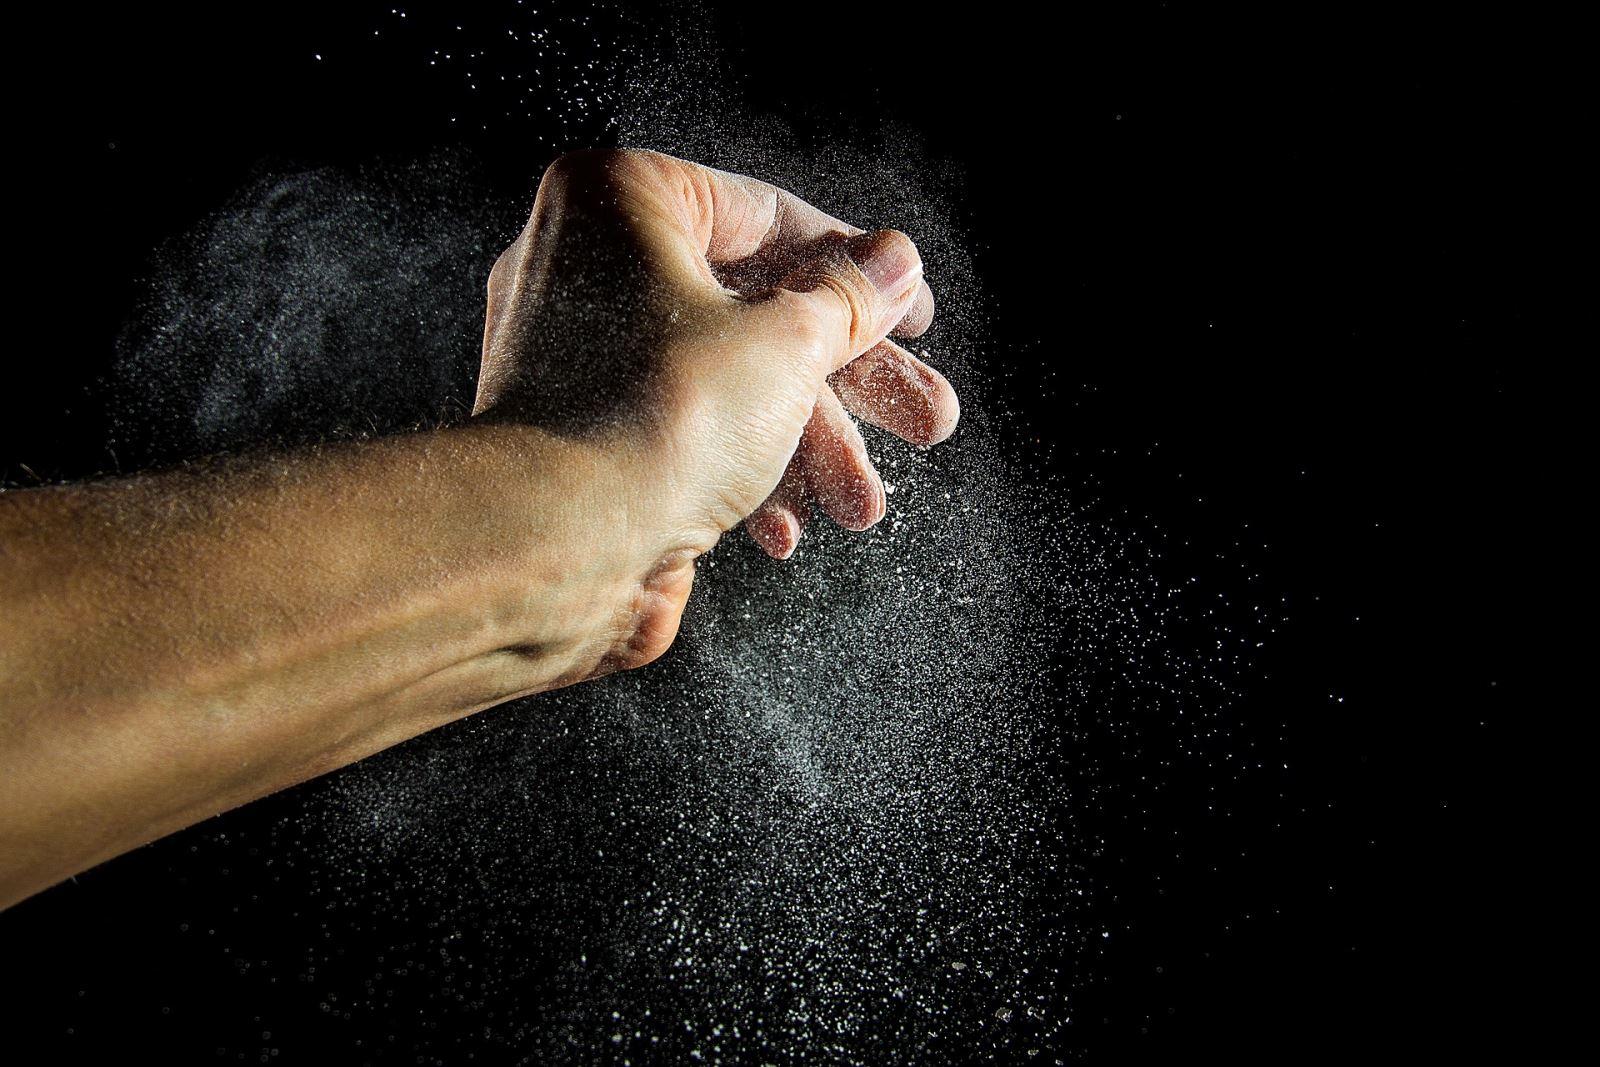 baking powder dusting